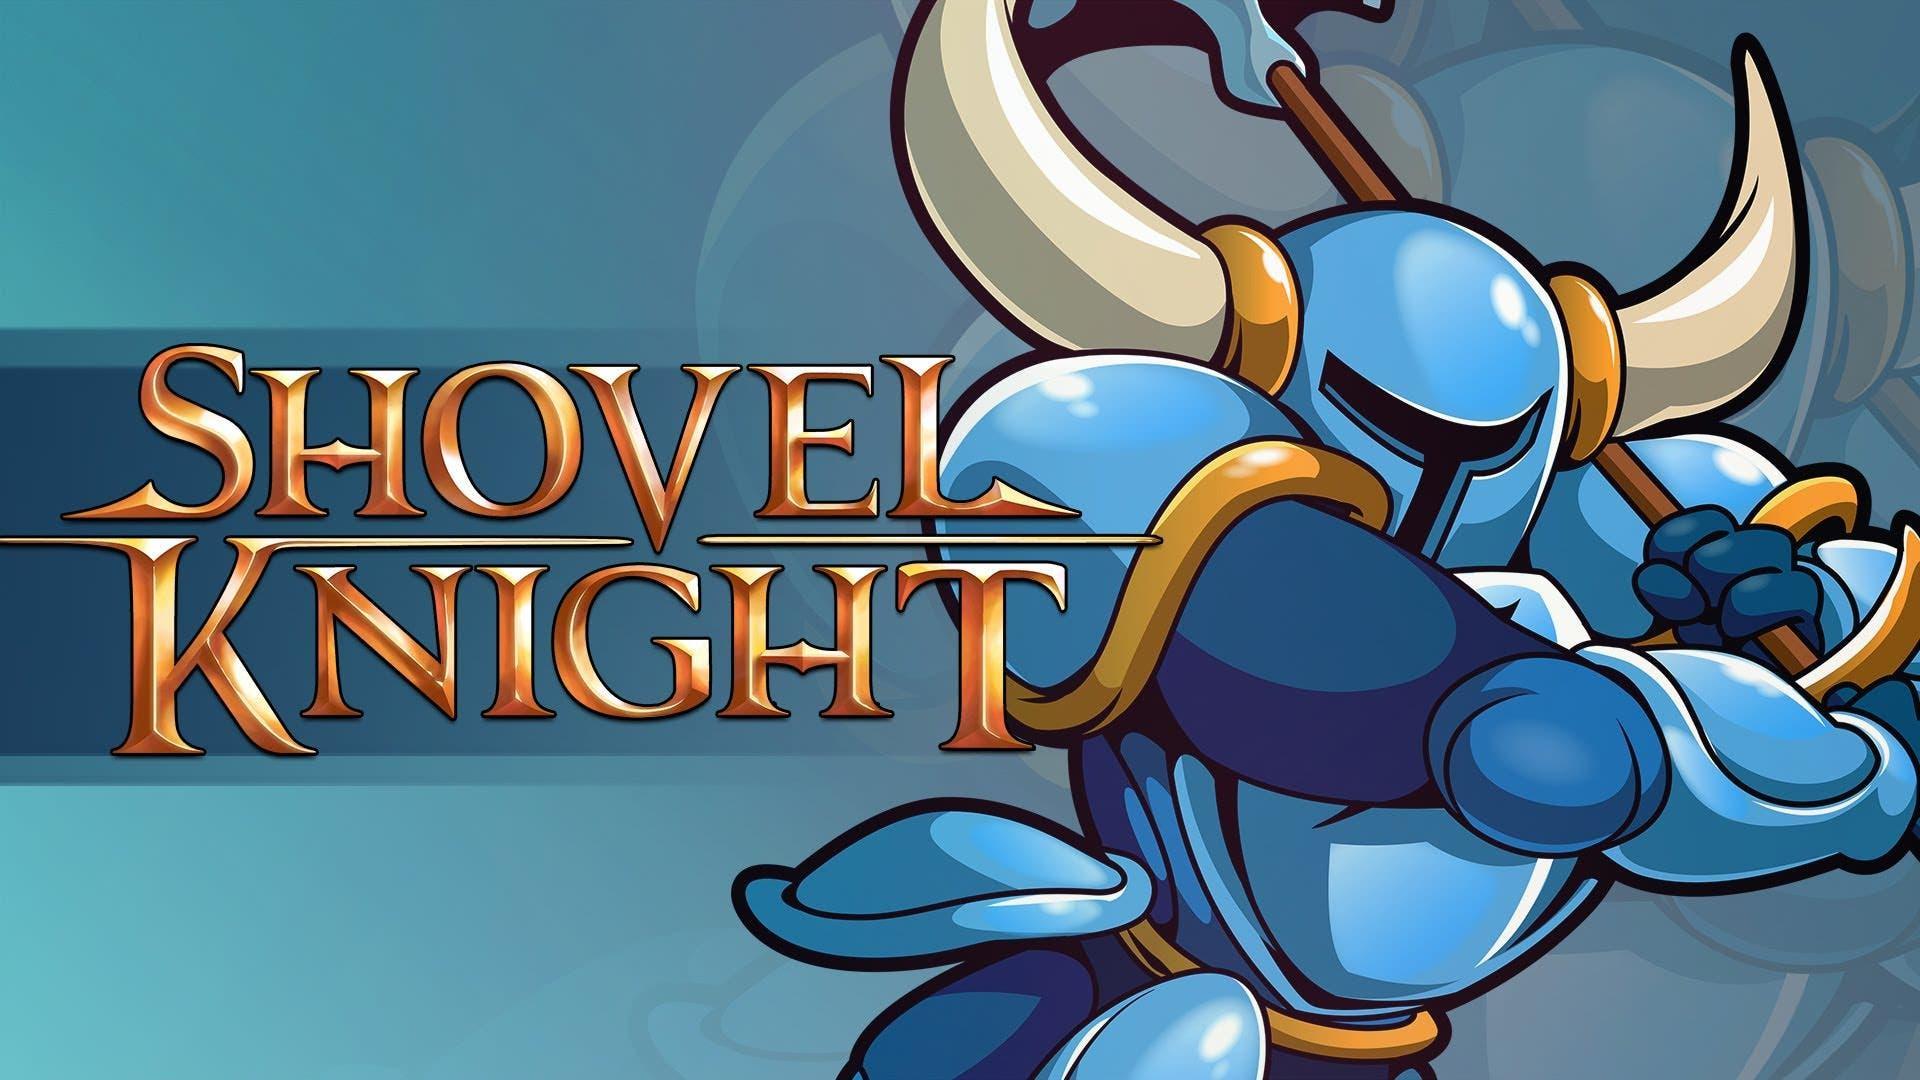 La banda sonora de 'Shovel Knight' llega a iTunes y Spotify